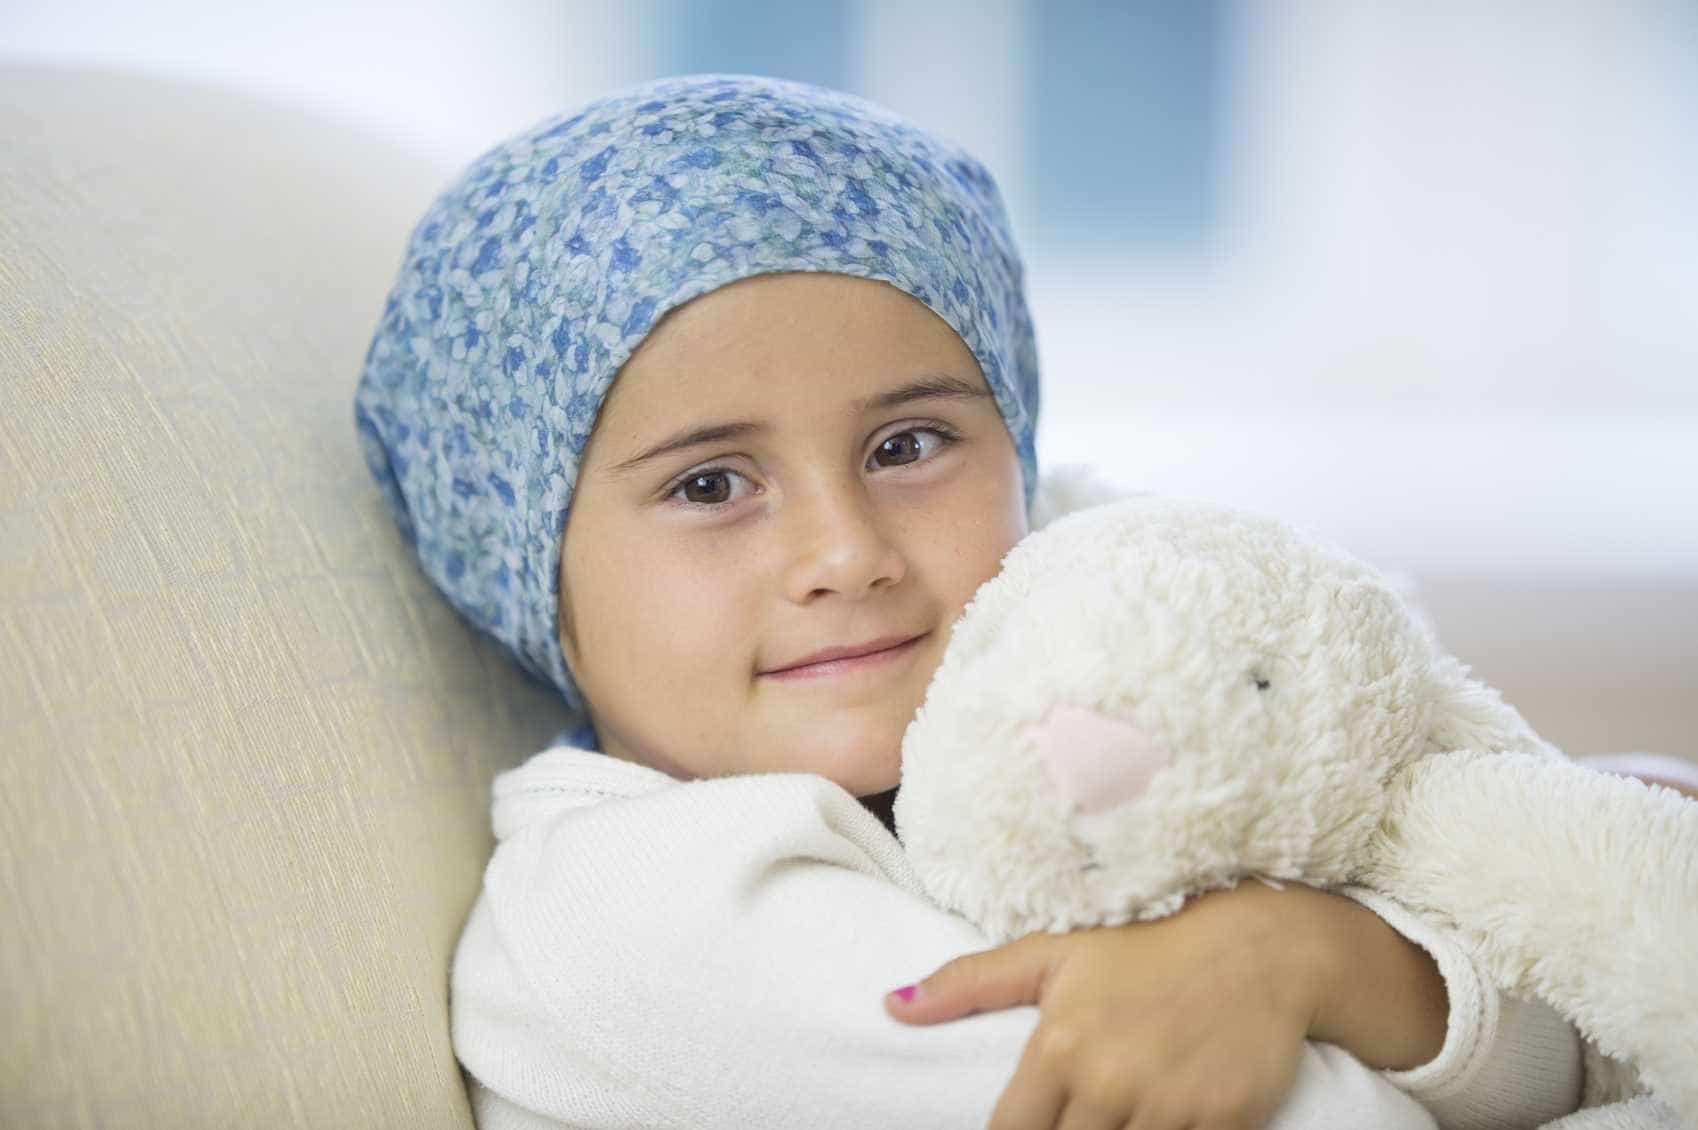 Câncer infantojuvenil: pais devem ficar atentos aos sinais e sintomas